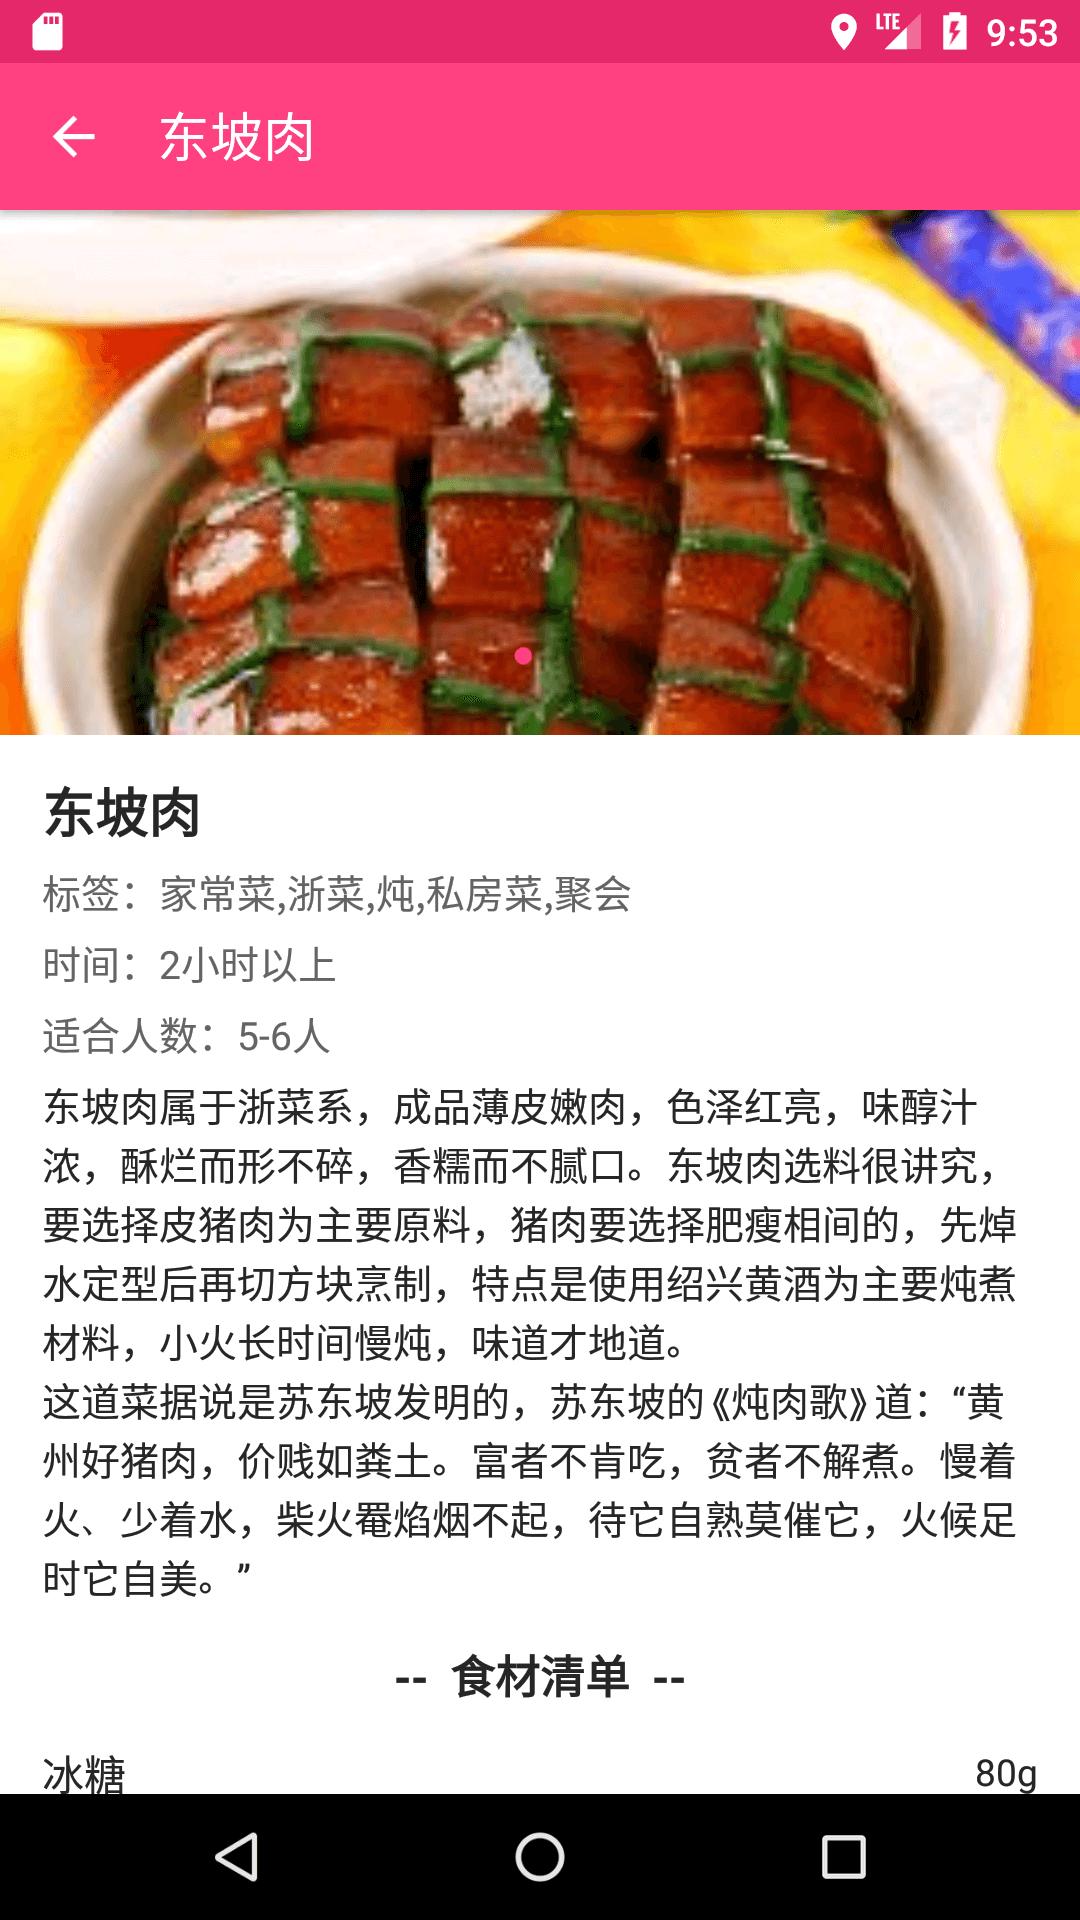 美食健康菜谱软件截图1